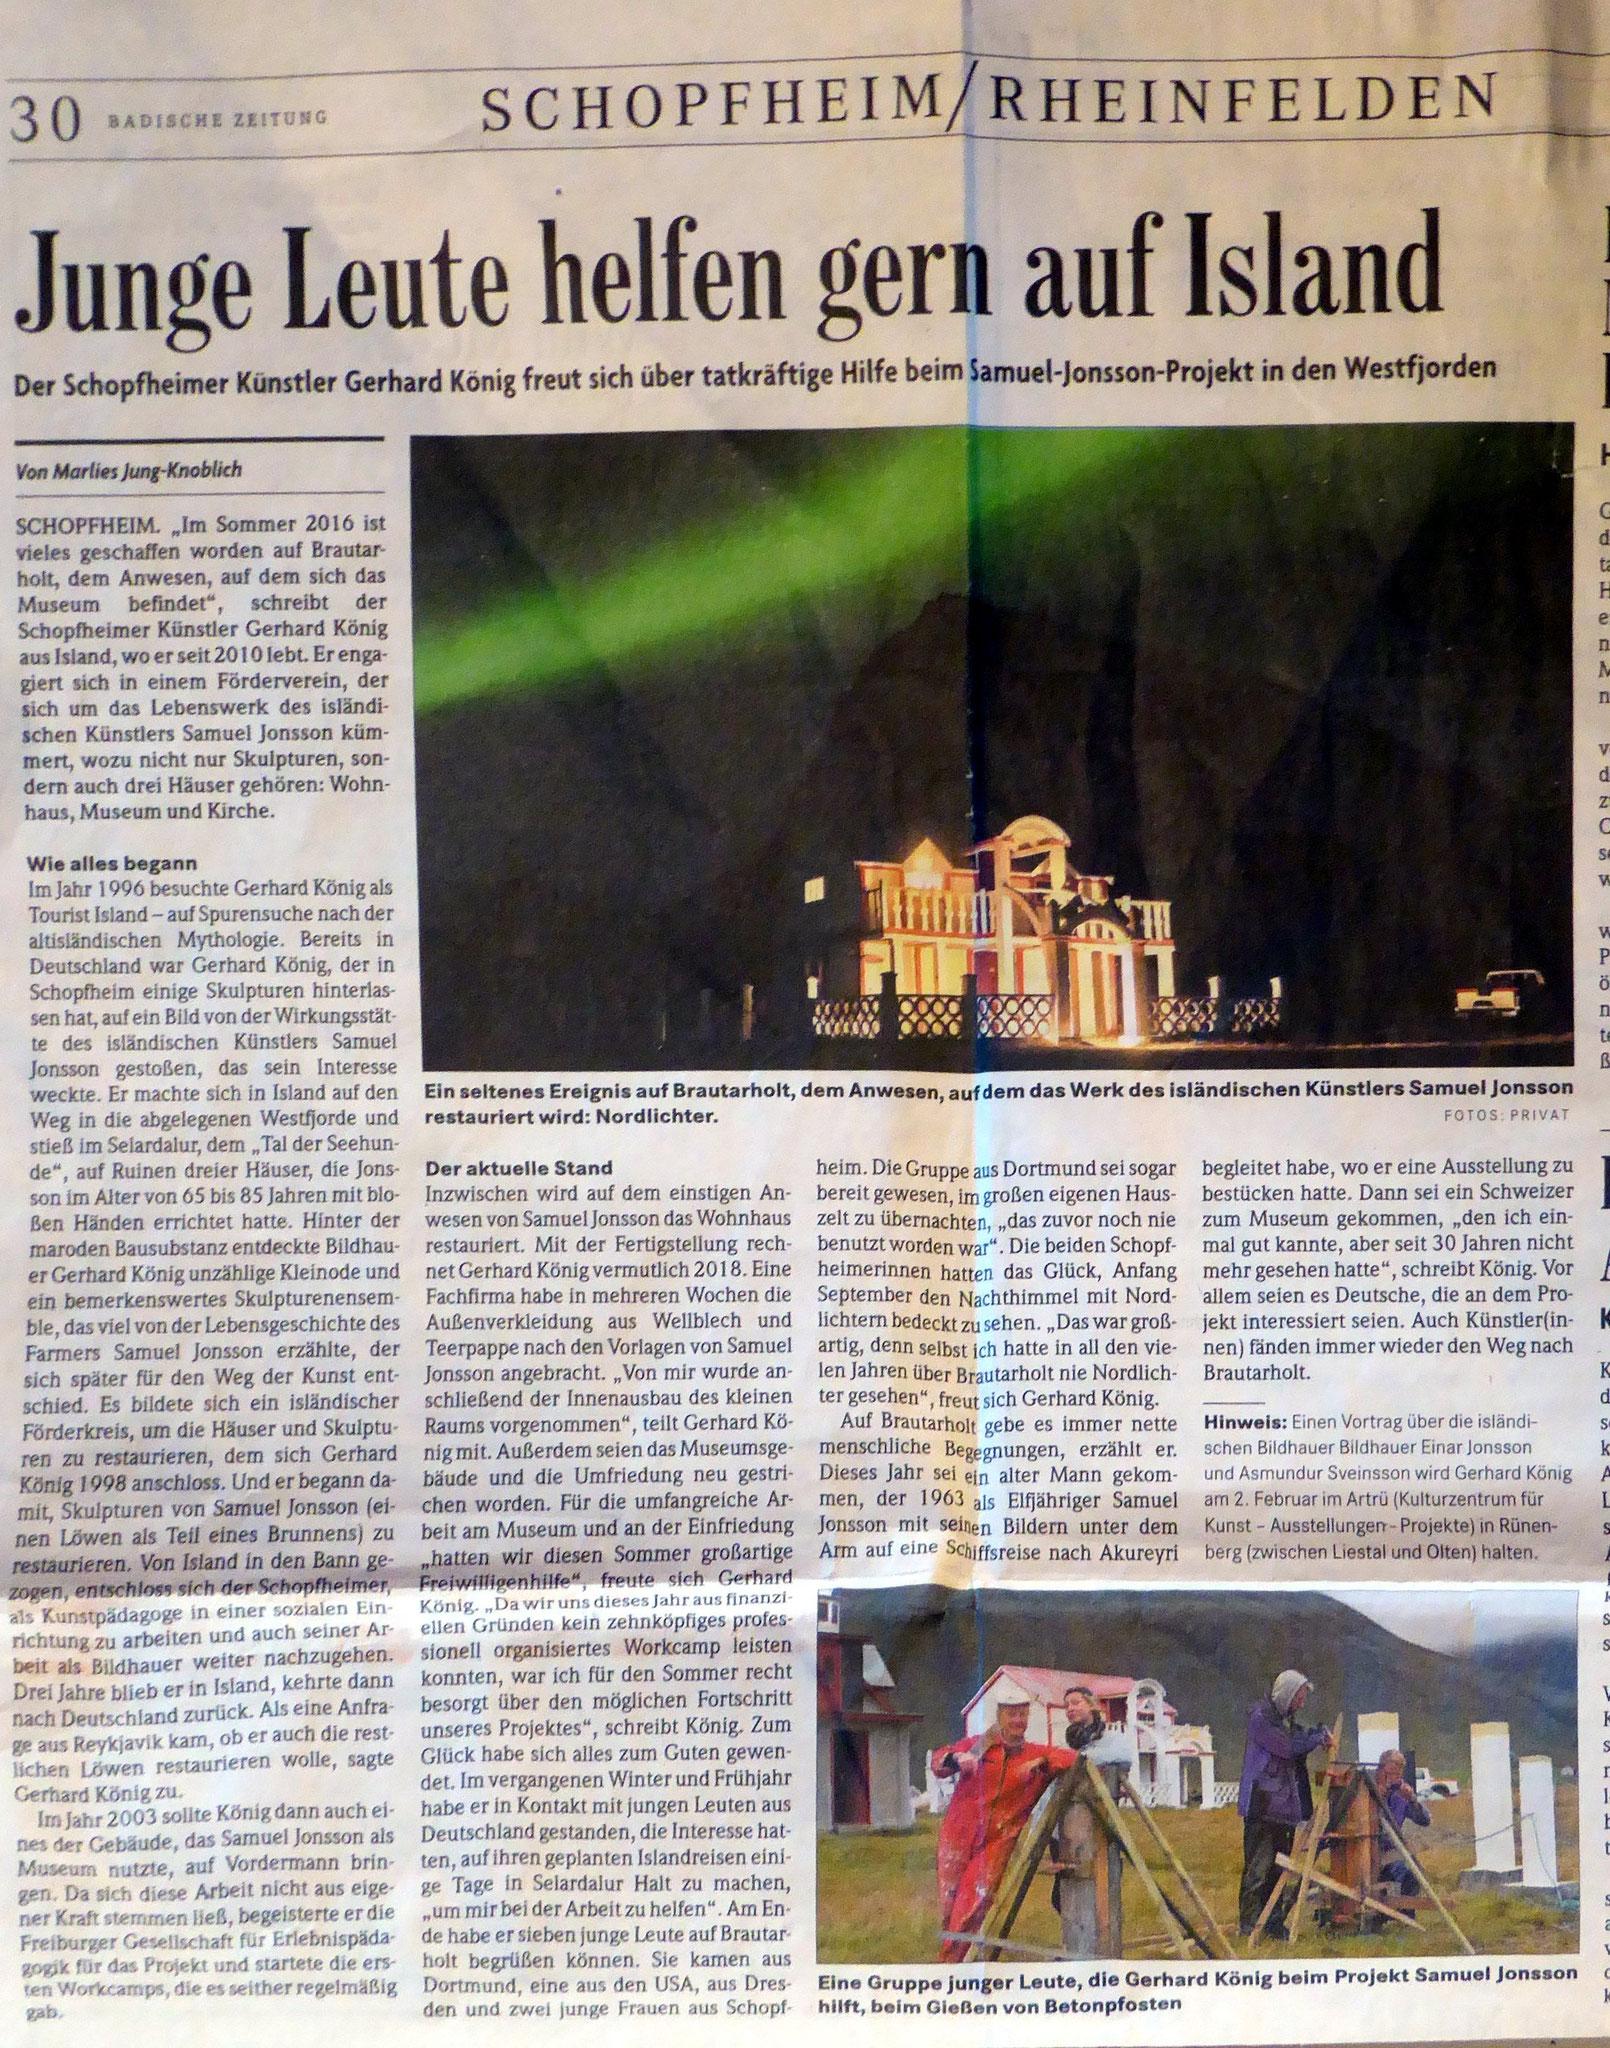 Badische Zeitung 11.1. 2017  by Marlies Jung-Knoblich